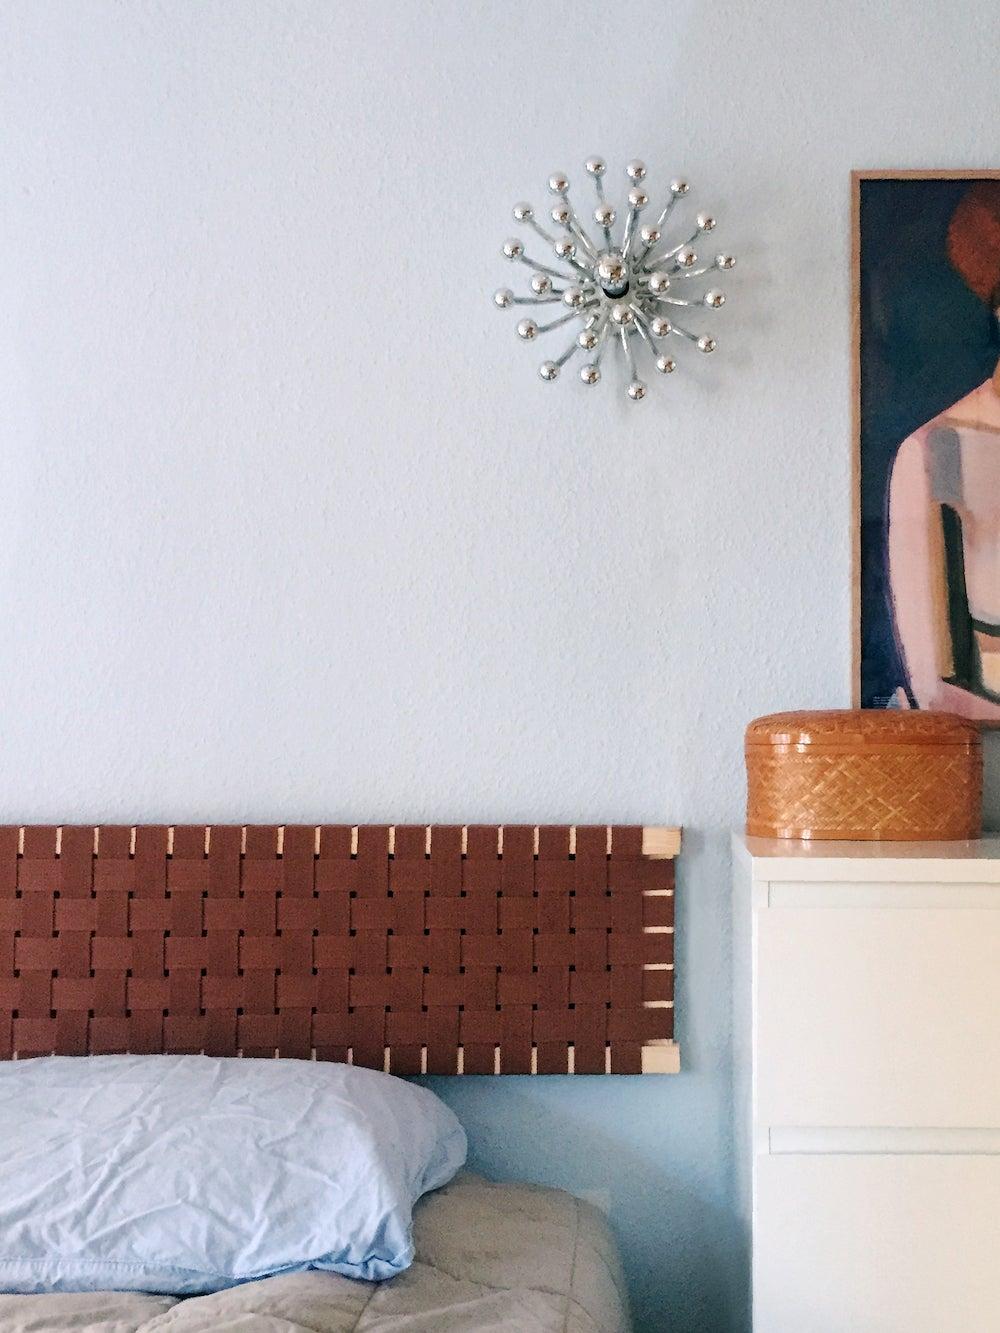 cane headboard in blue bedroom